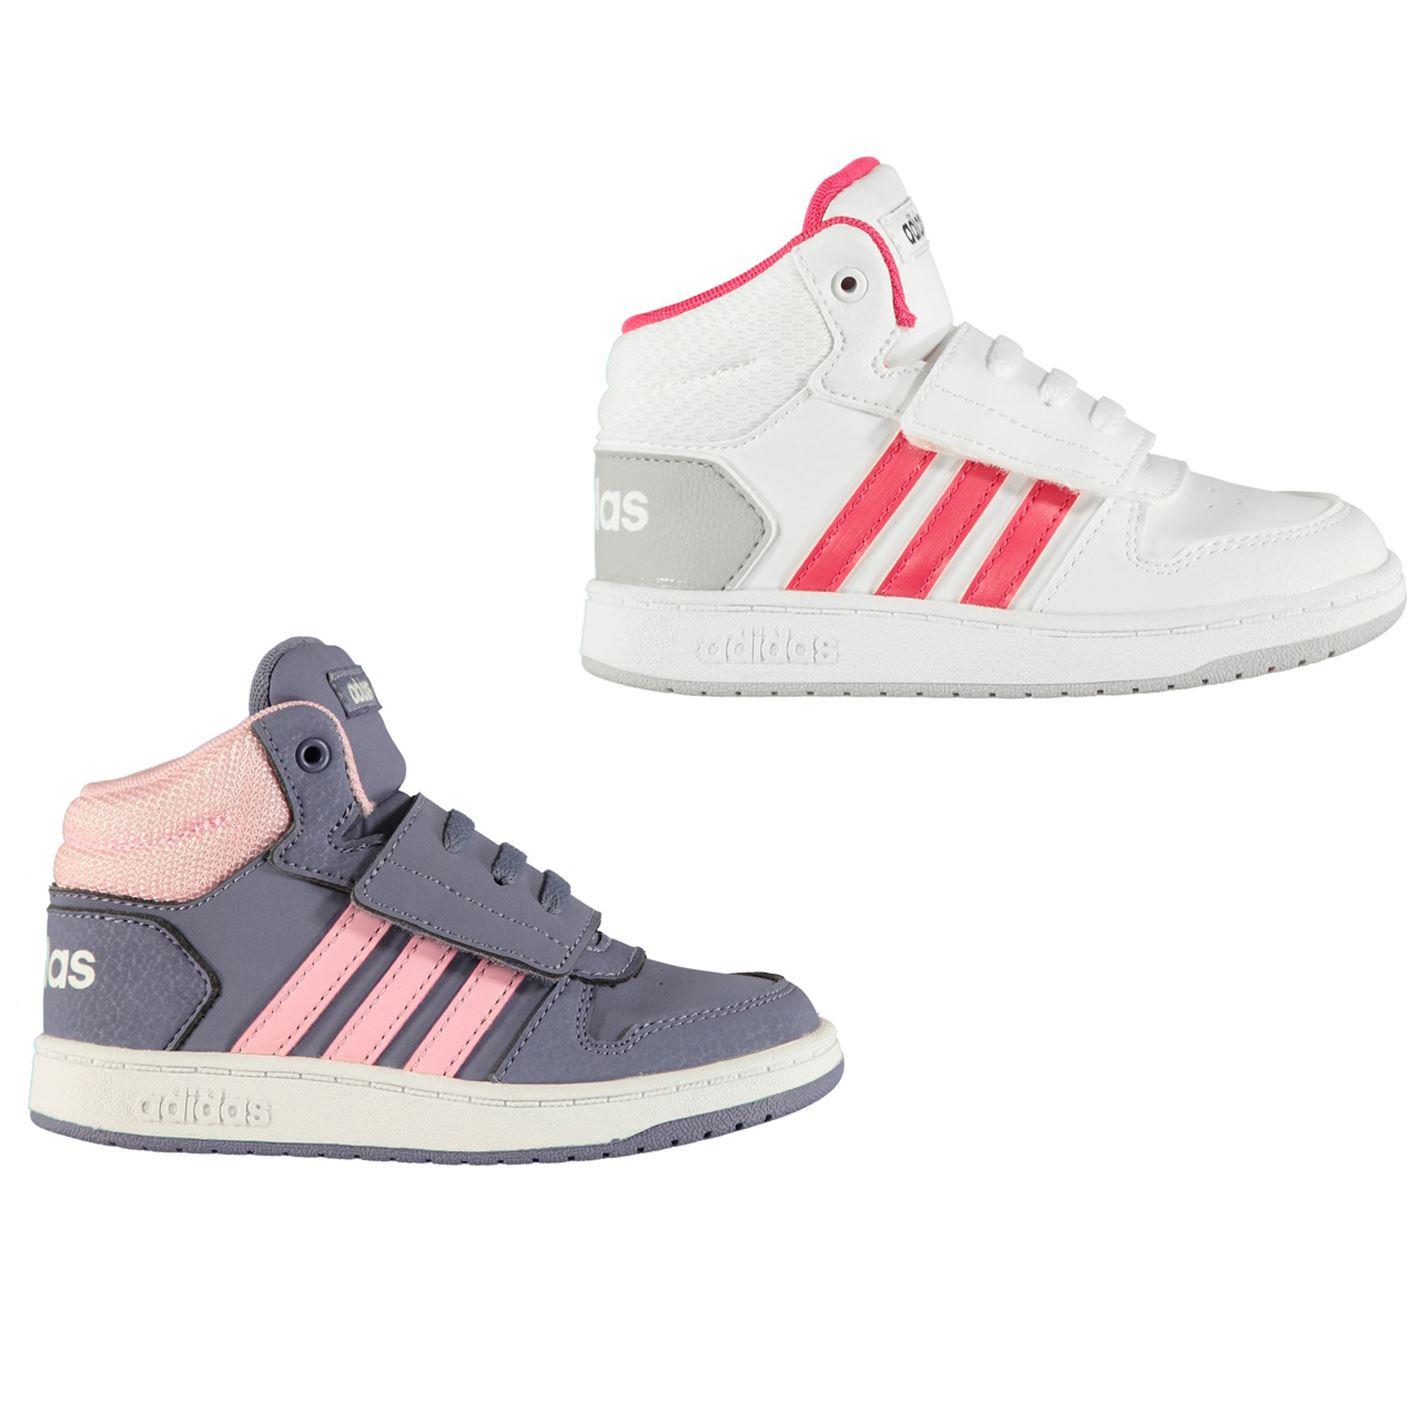 scarpe adidas bambina alte